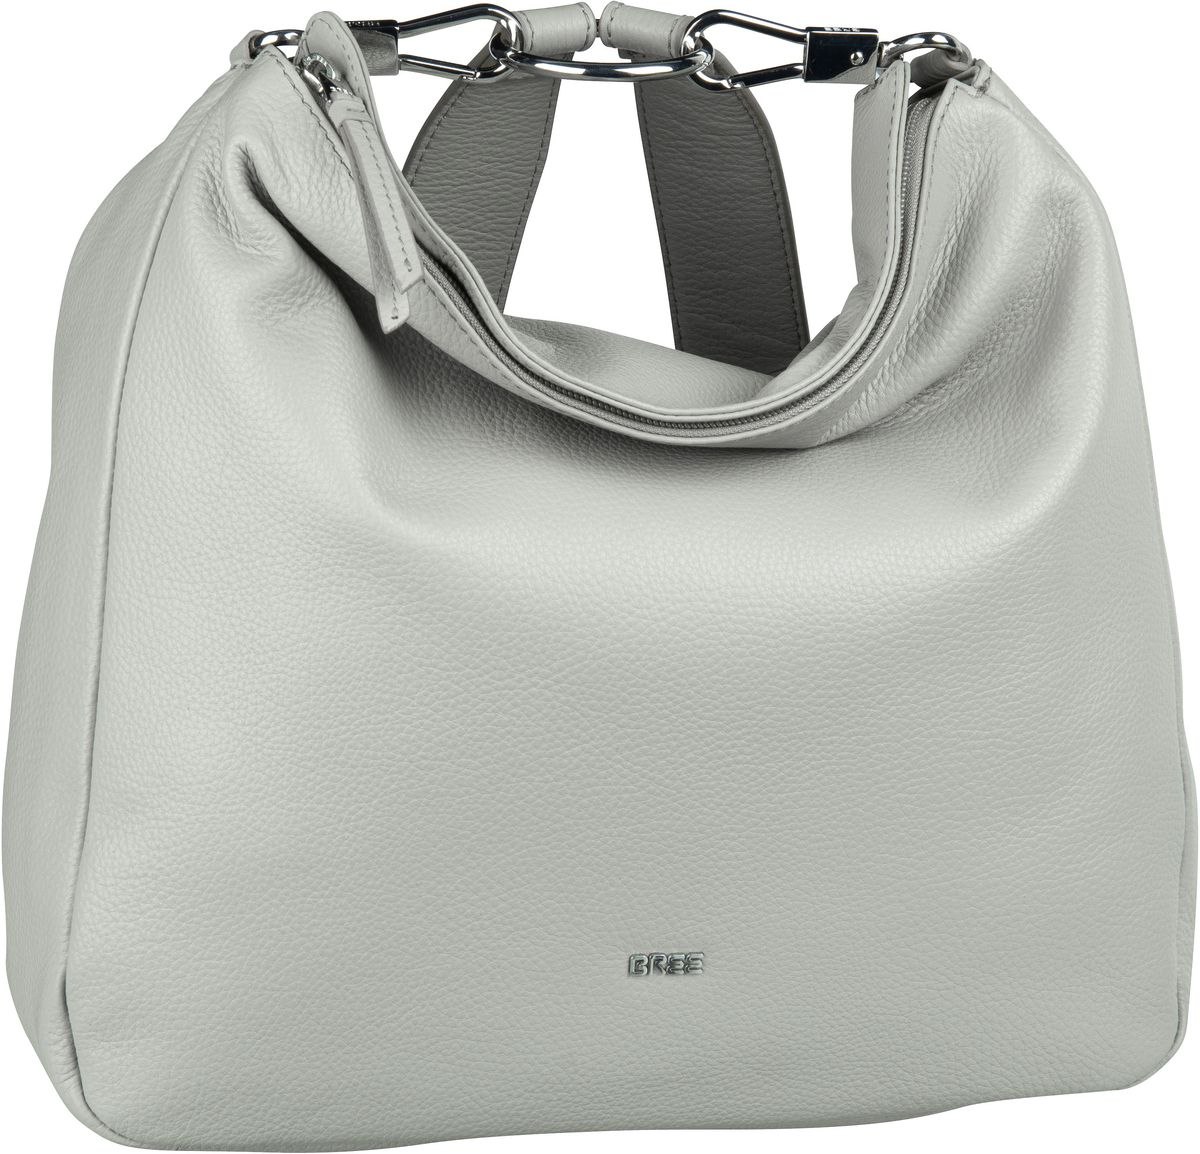 Rucksaecke für Frauen - Bree Rucksack Daypack Lia 10 Chinchilla  - Onlineshop Taschenkaufhaus